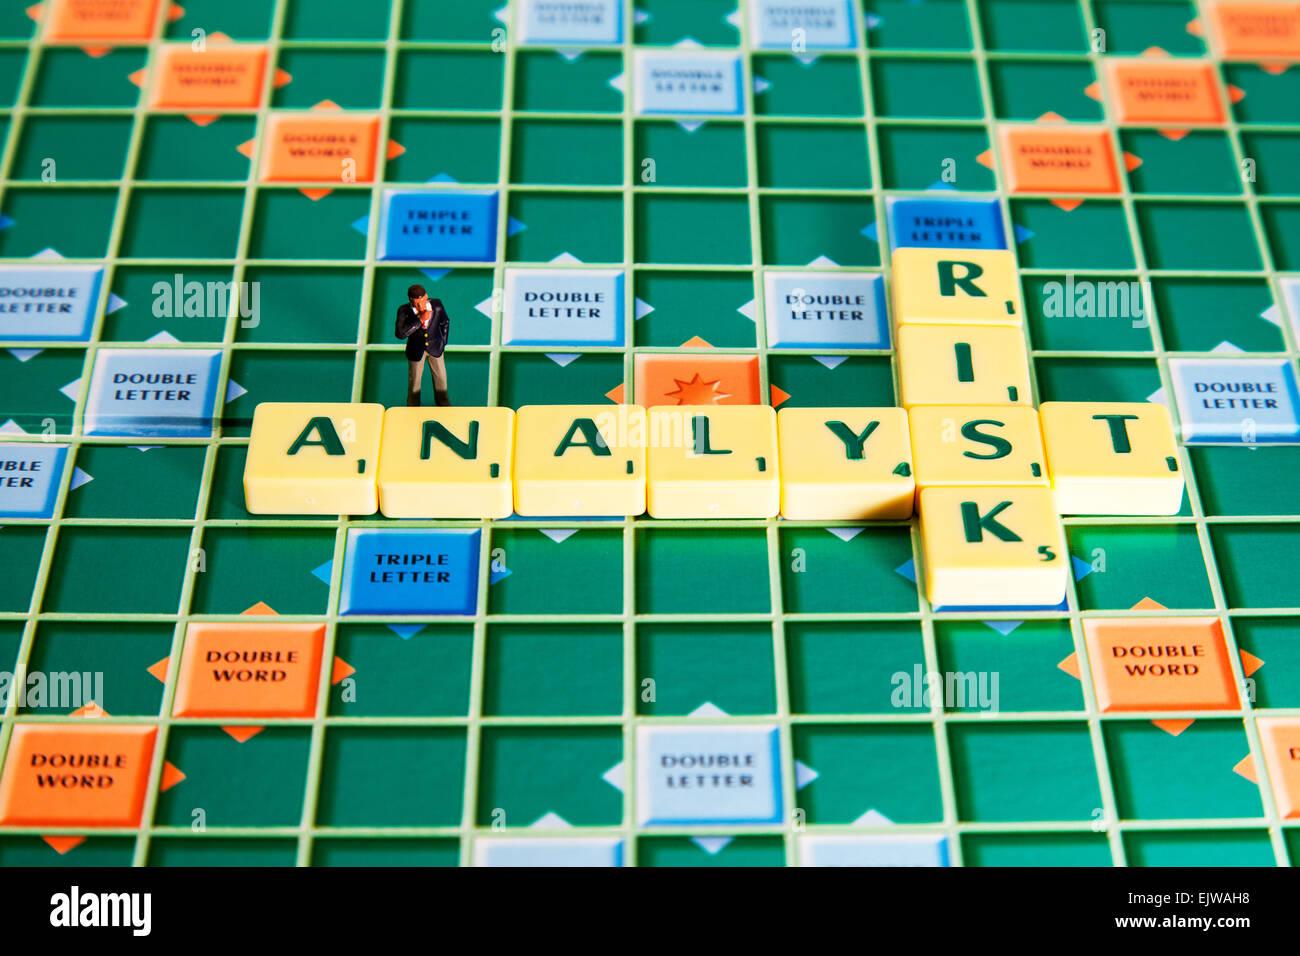 Risikoanalyst berechnet die Kredit Bonität von Unternehmen Wörtern mit Scrabble Fliesen zu finanziellen Stockbild